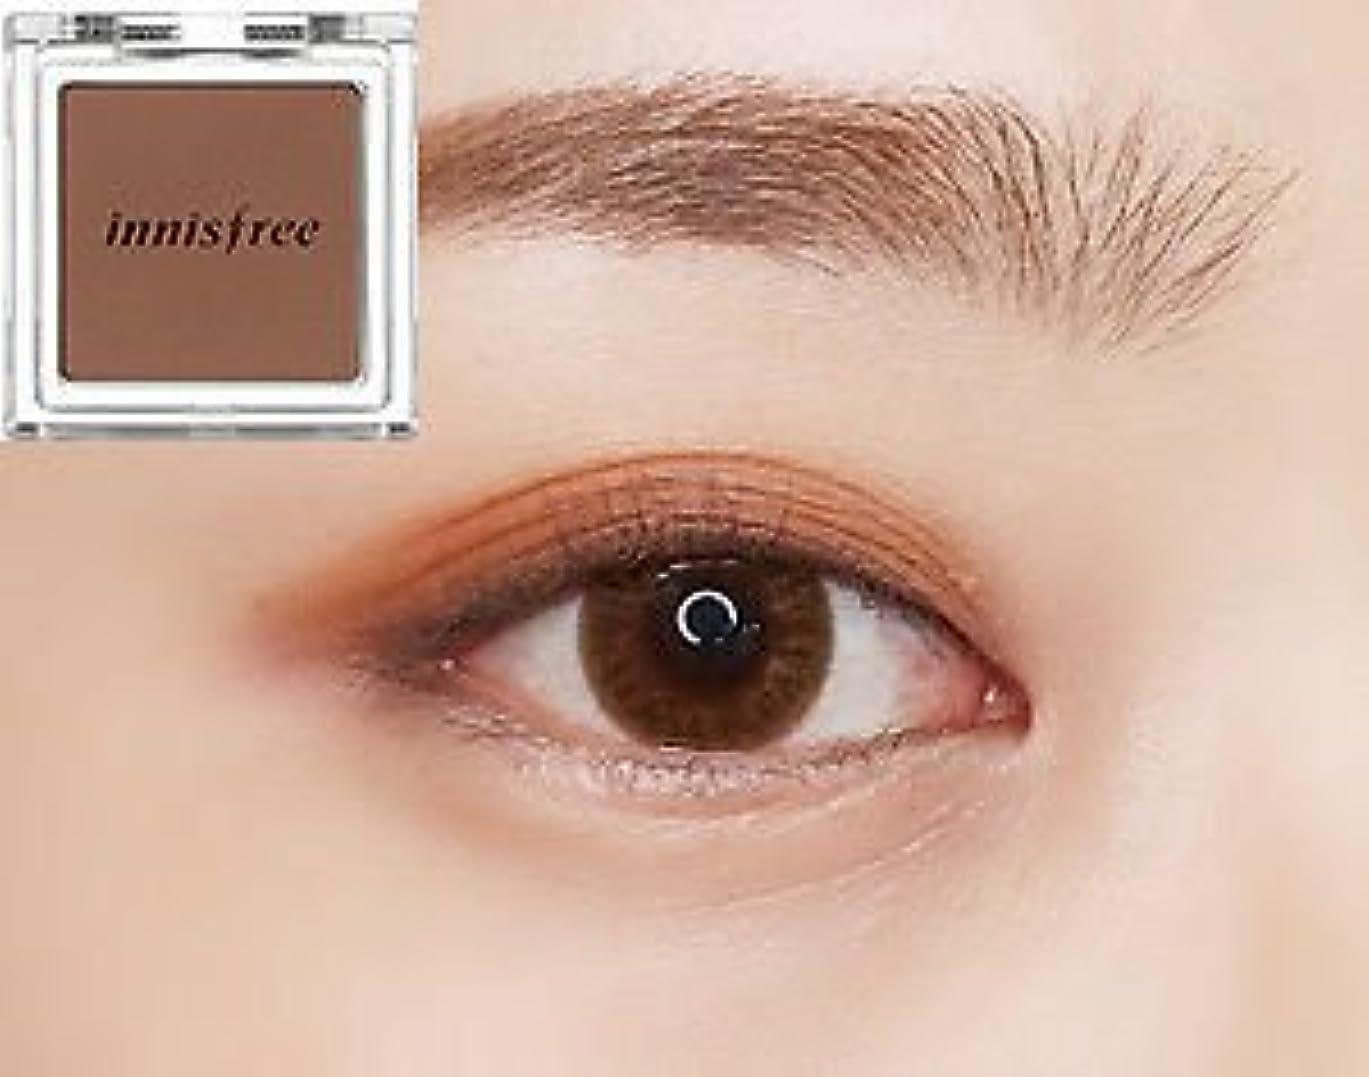 下に向けます突破口おもしろい[イニスフリー] innisfree [マイ パレット マイ アイシャドウ (マット) 40カラー] MY PALETTE My Eyeshadow (Matte) 40 Shades [海外直送品] (マット #20)